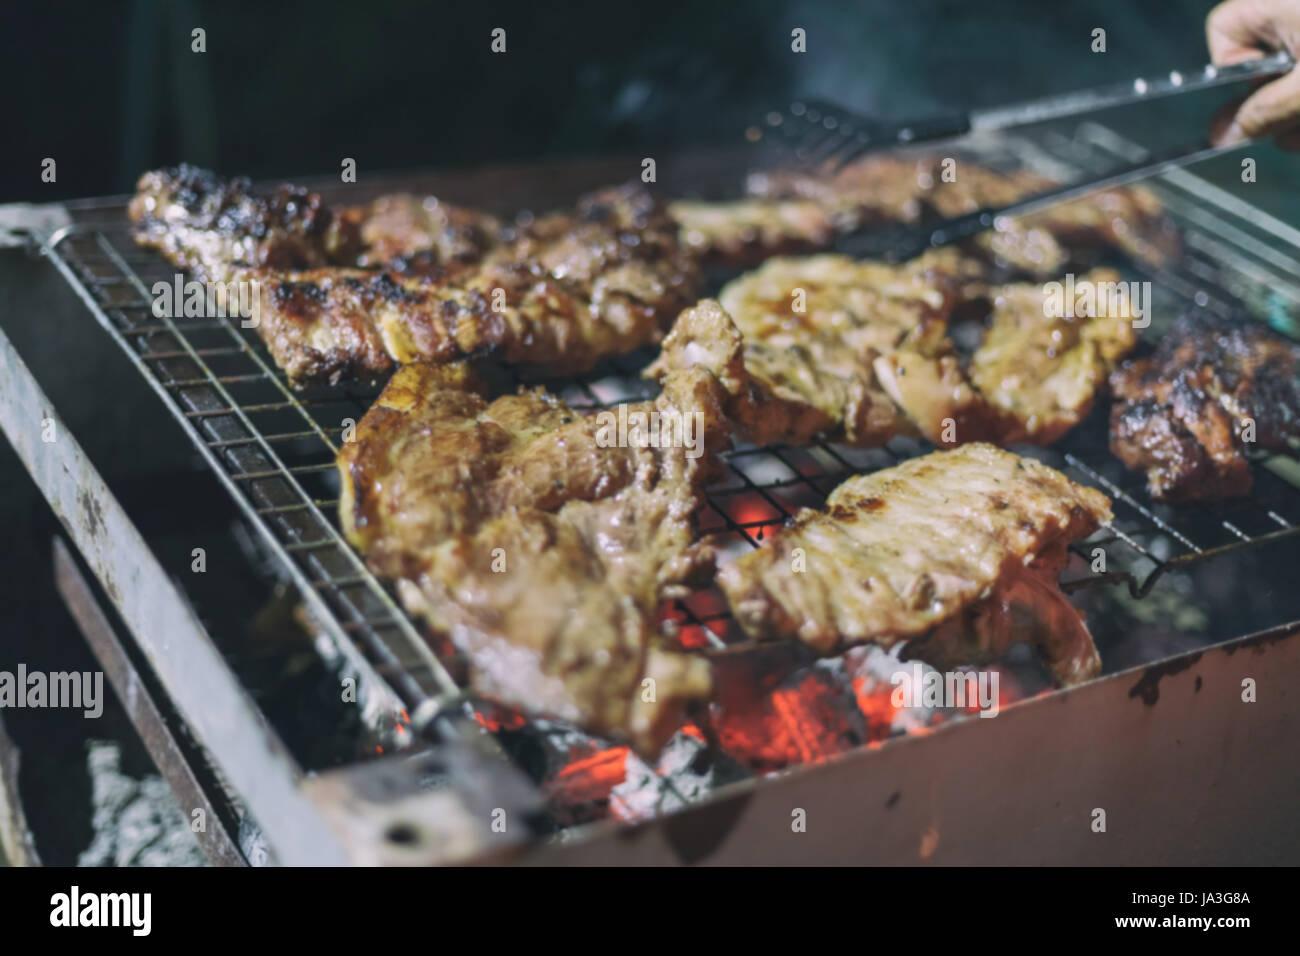 Blurry asiatische Männer kochen Grillen Stockbild